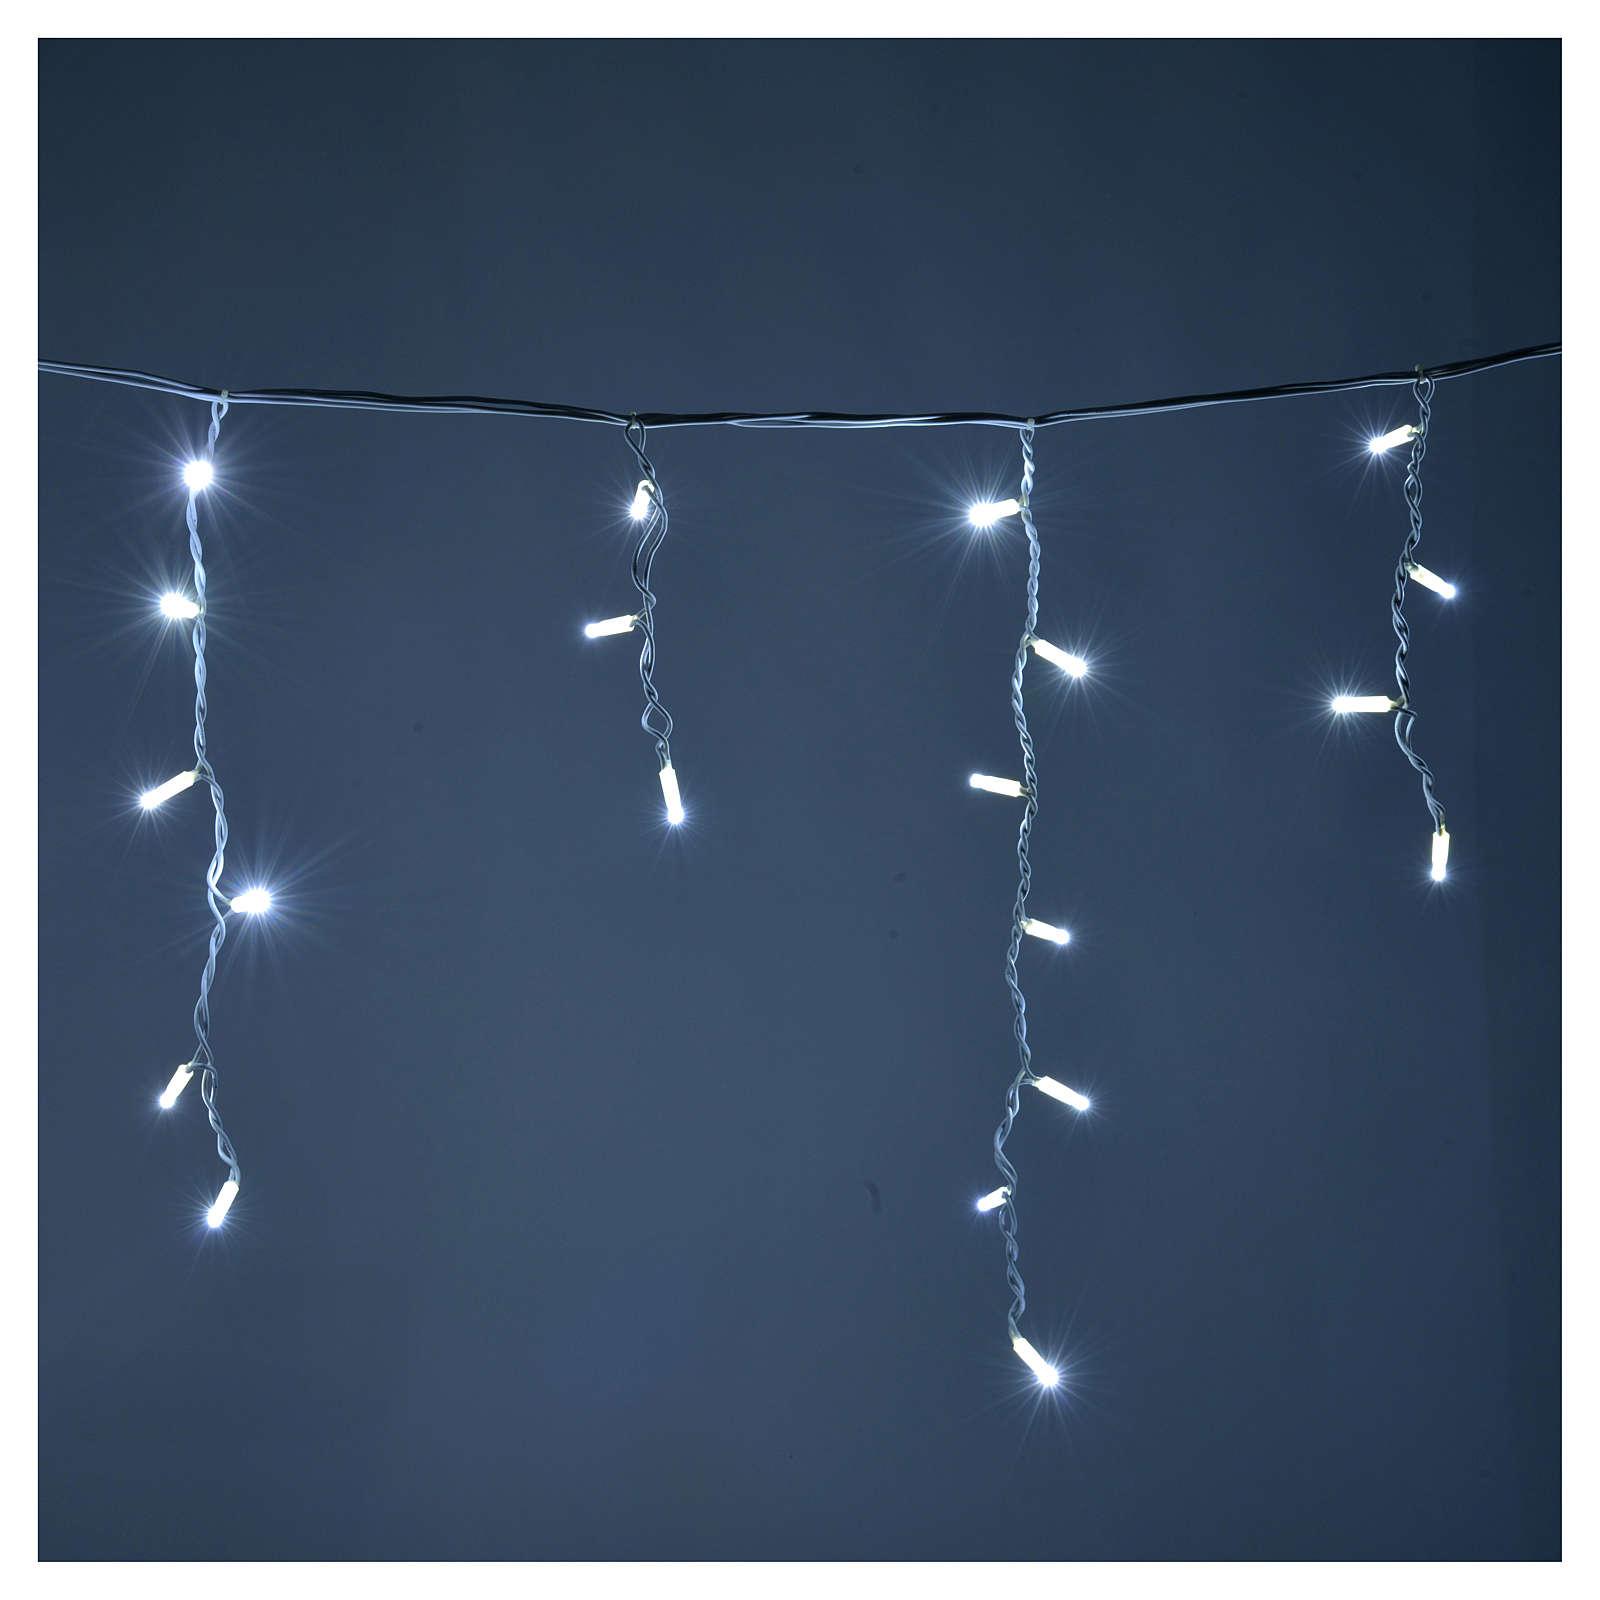 Cortina de luces de navidad 100 led blanco hielo para for Cortina de luces led